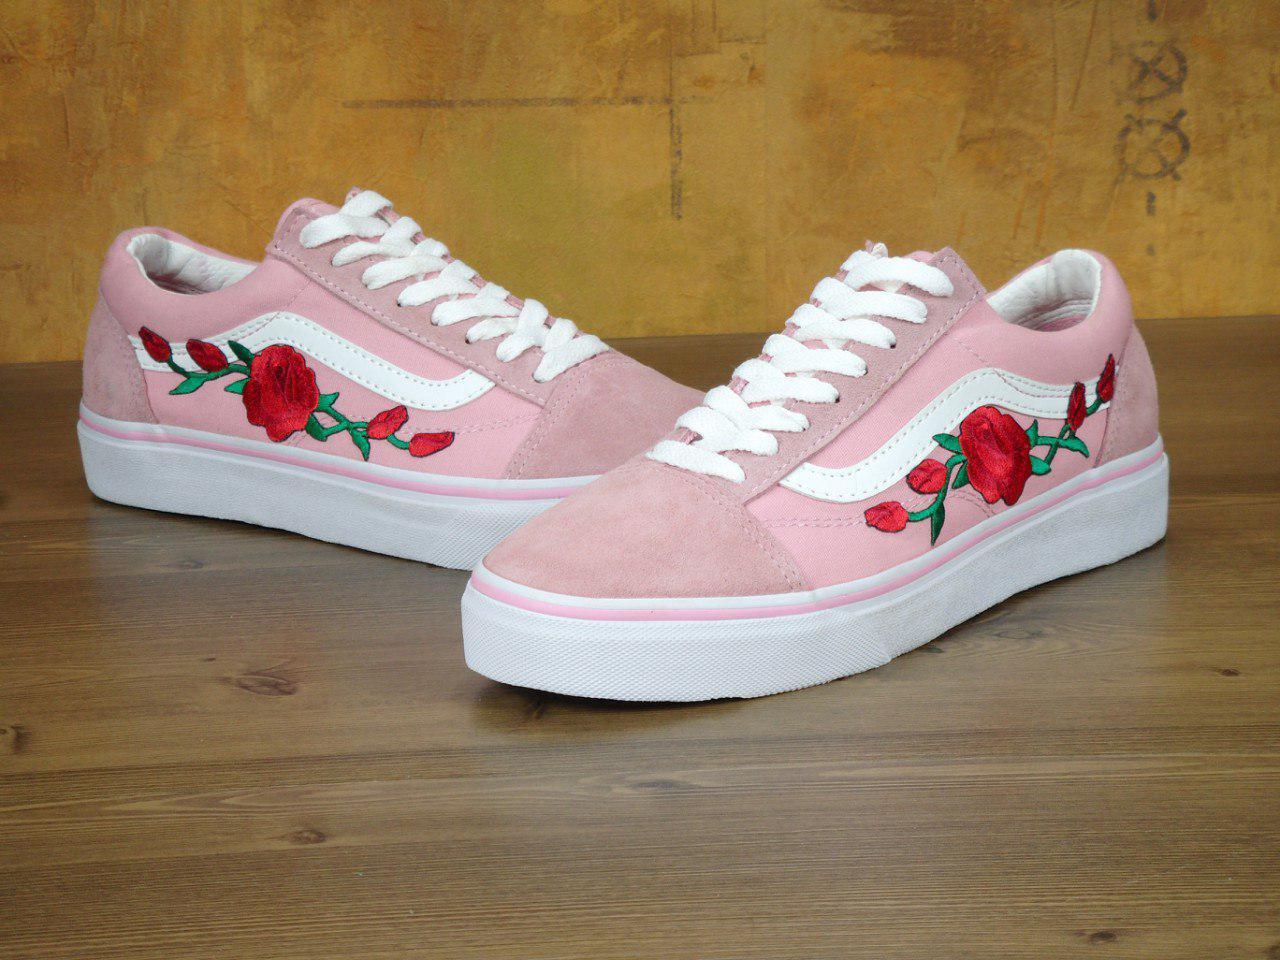 Женские кеды Vans Old Skool Pink Roses 11252  продажа, цена в Киеве ... 7eaaf9b7842